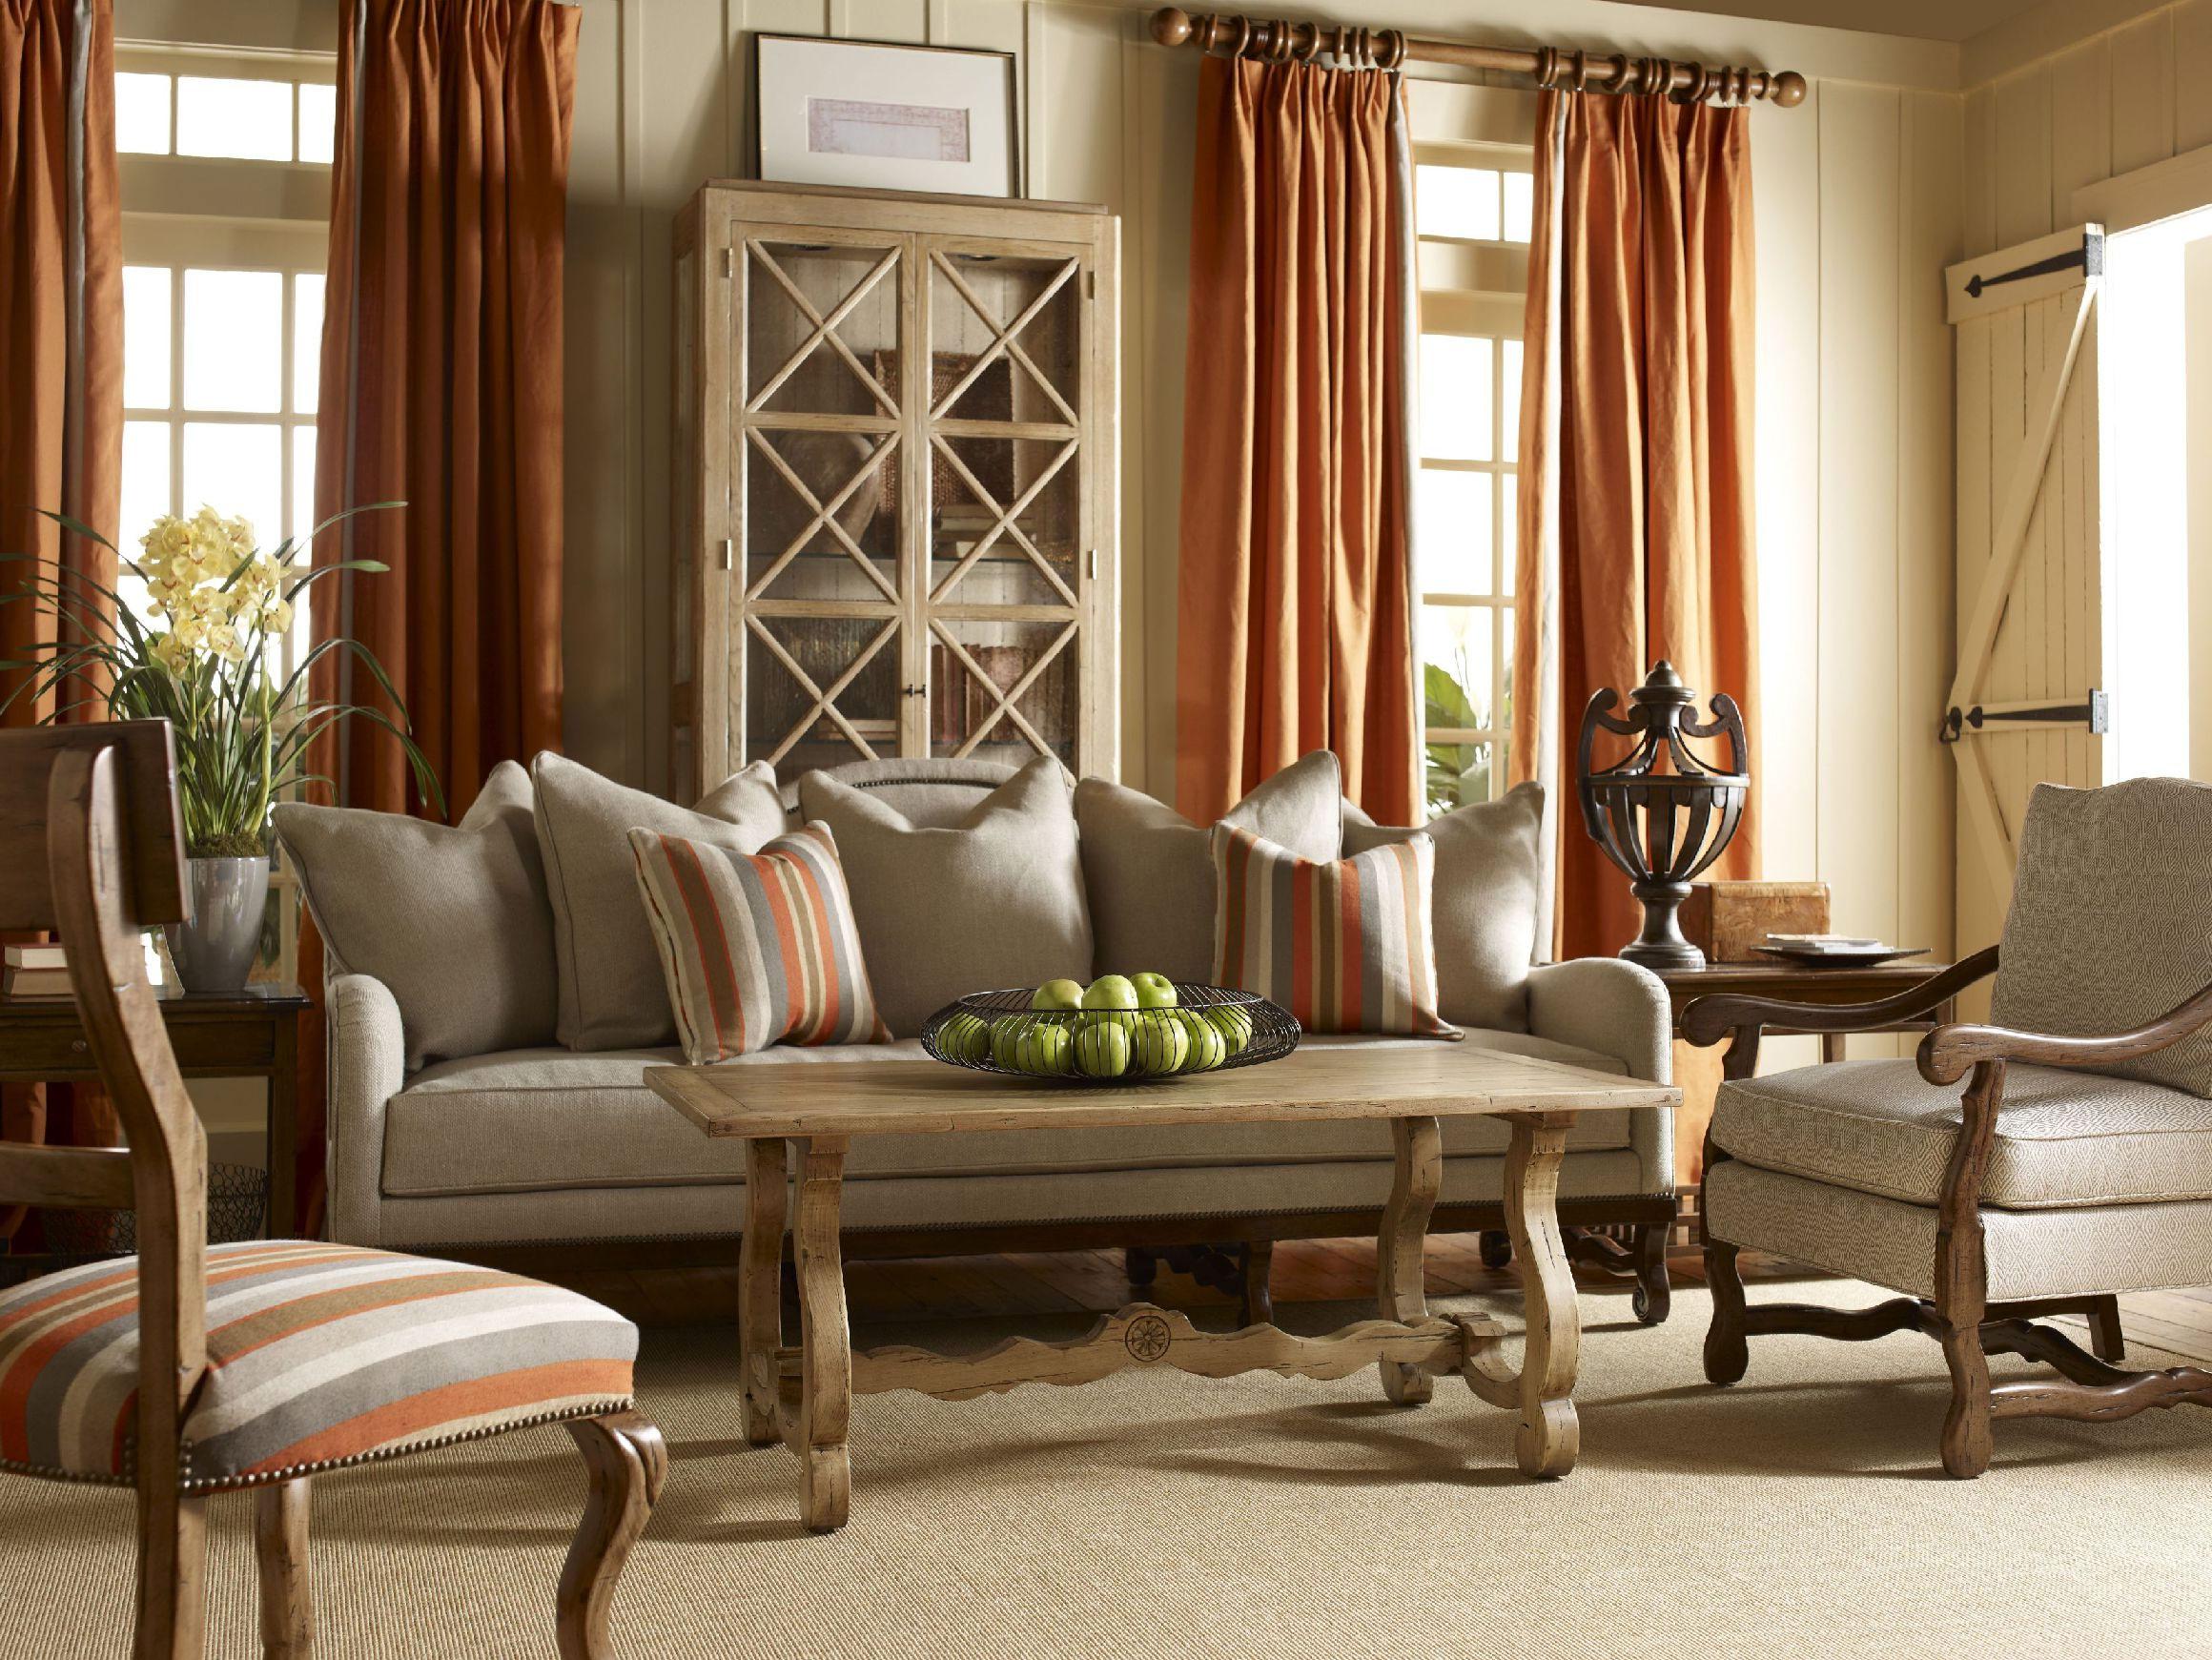 marvelous paris themed living room decor | Paris Themed Living Room Decor Ideas | Roy Home Design